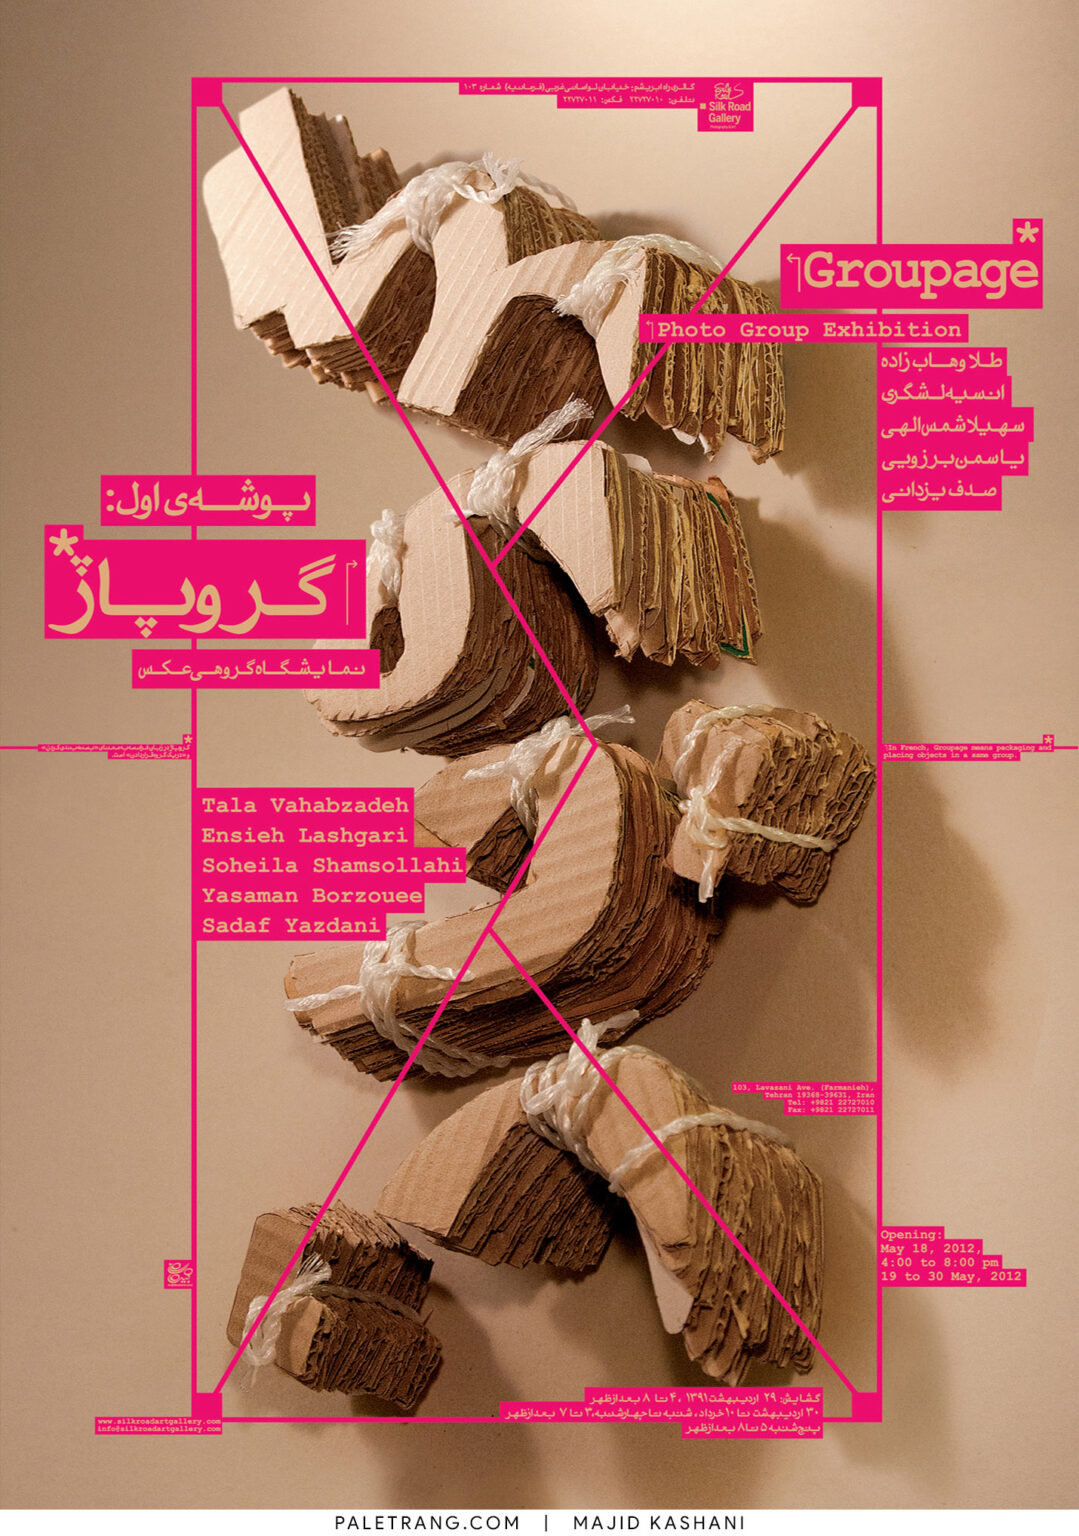 پوستر نمایشگاه گروهی عکس گروپاژ اثر مجید کاشانی